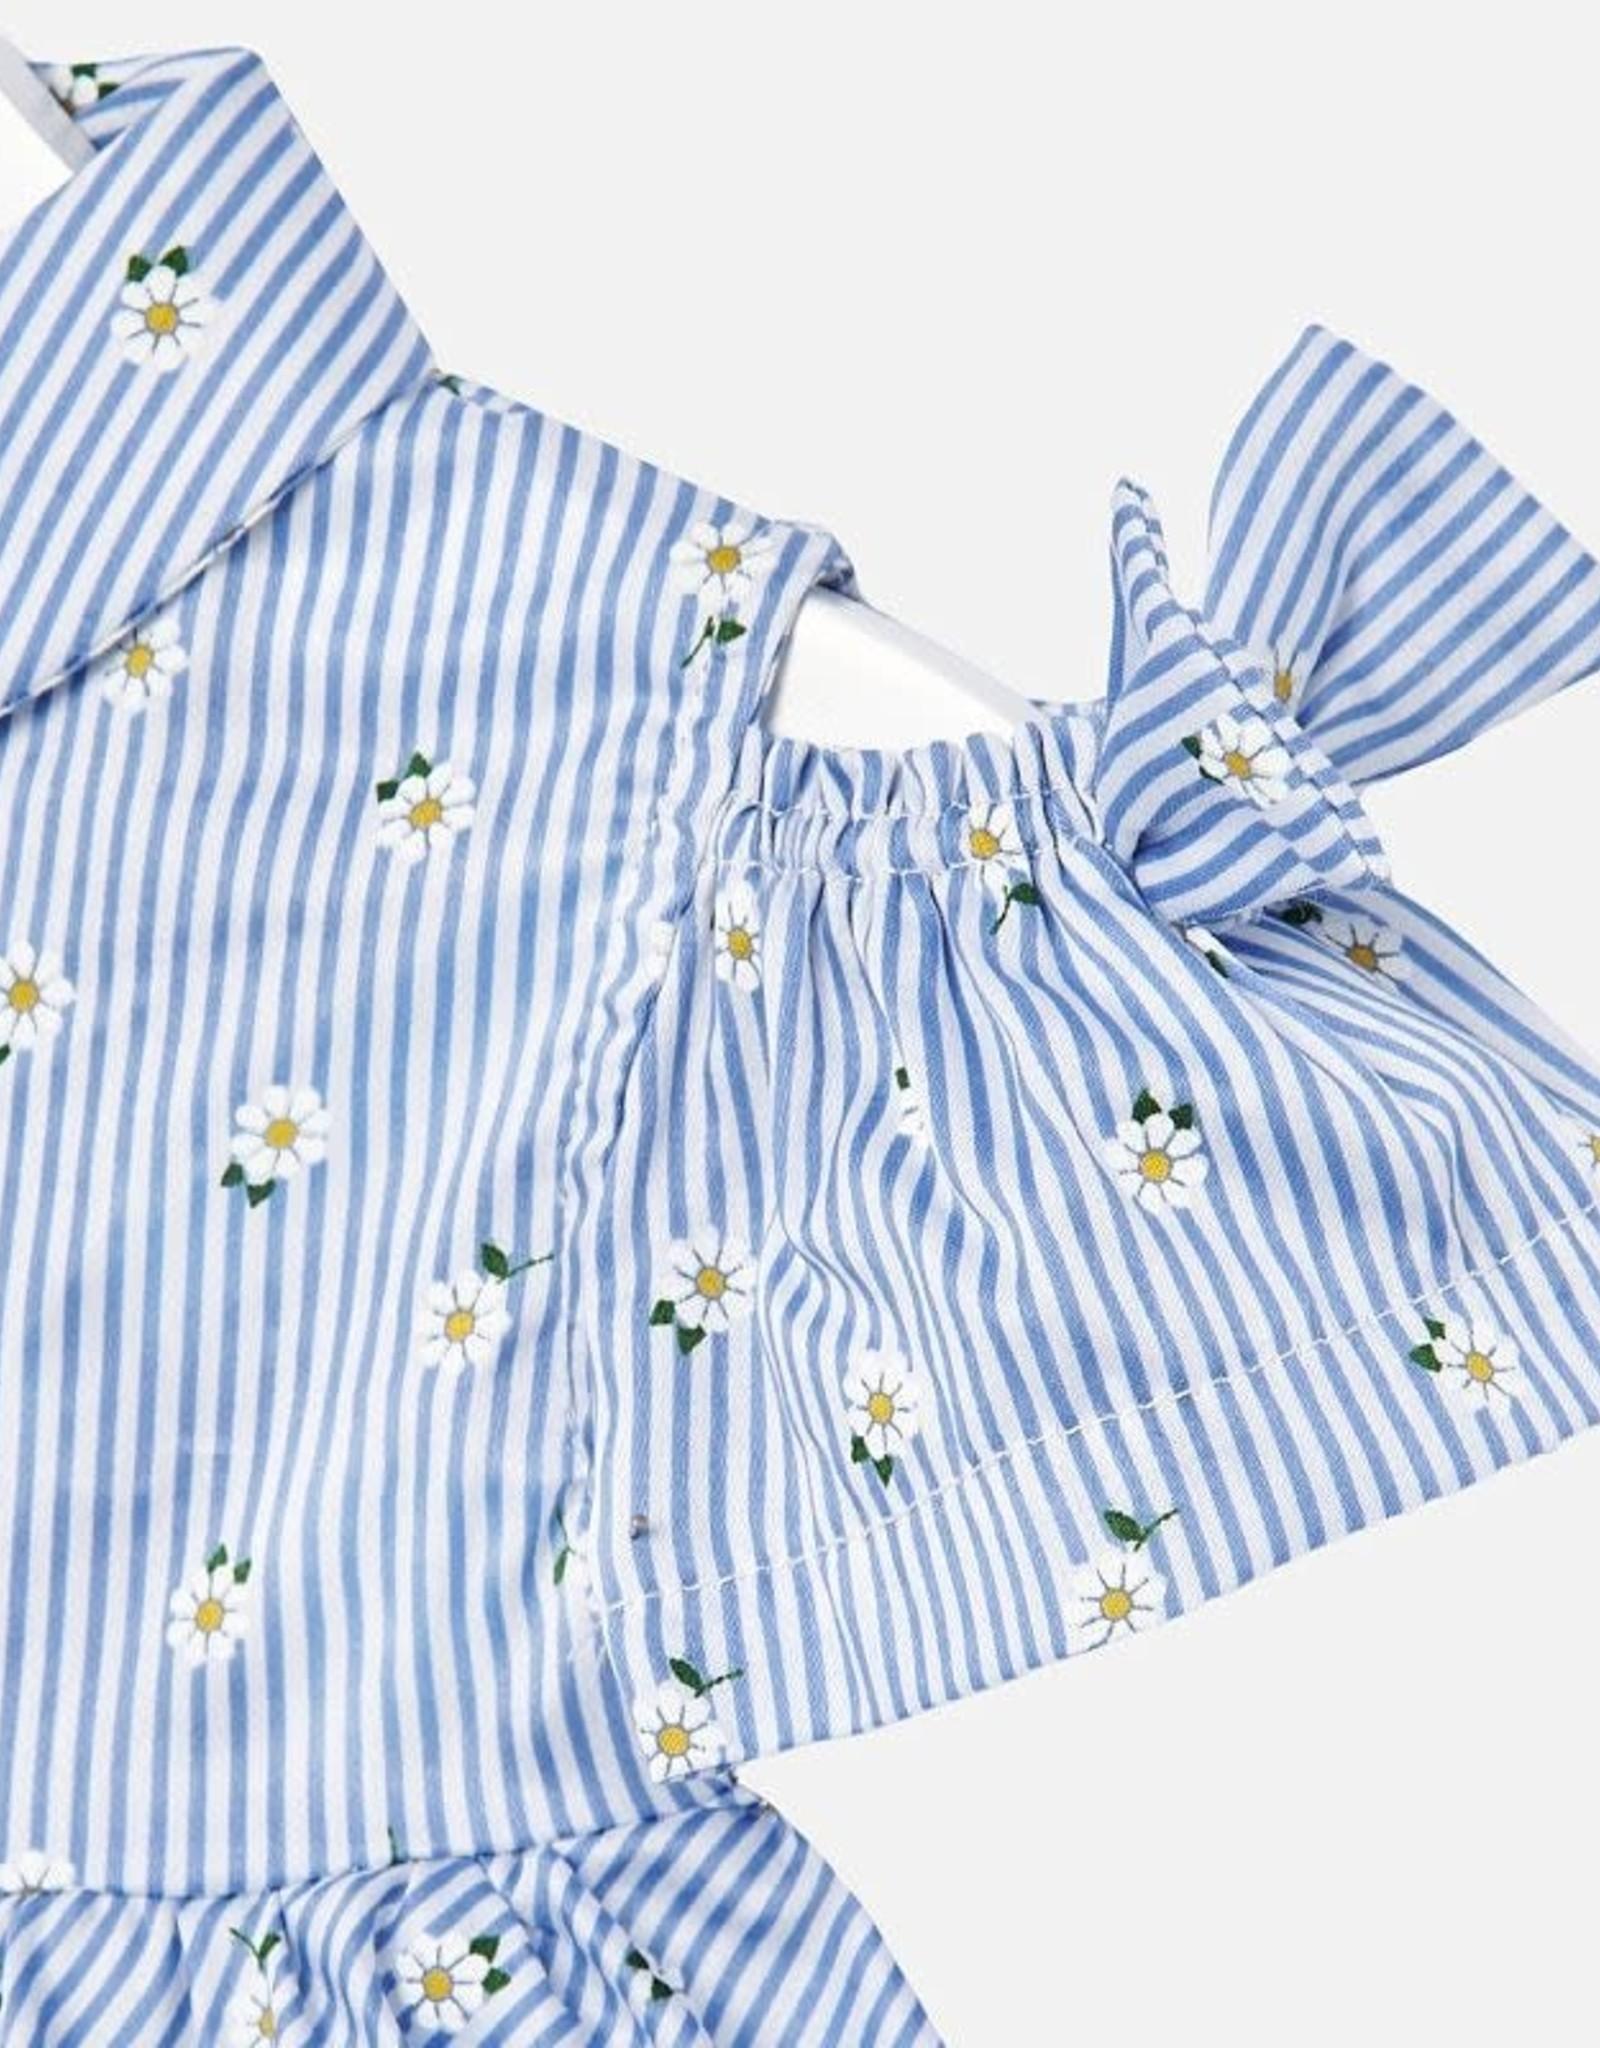 Daisy shirt/denim short set